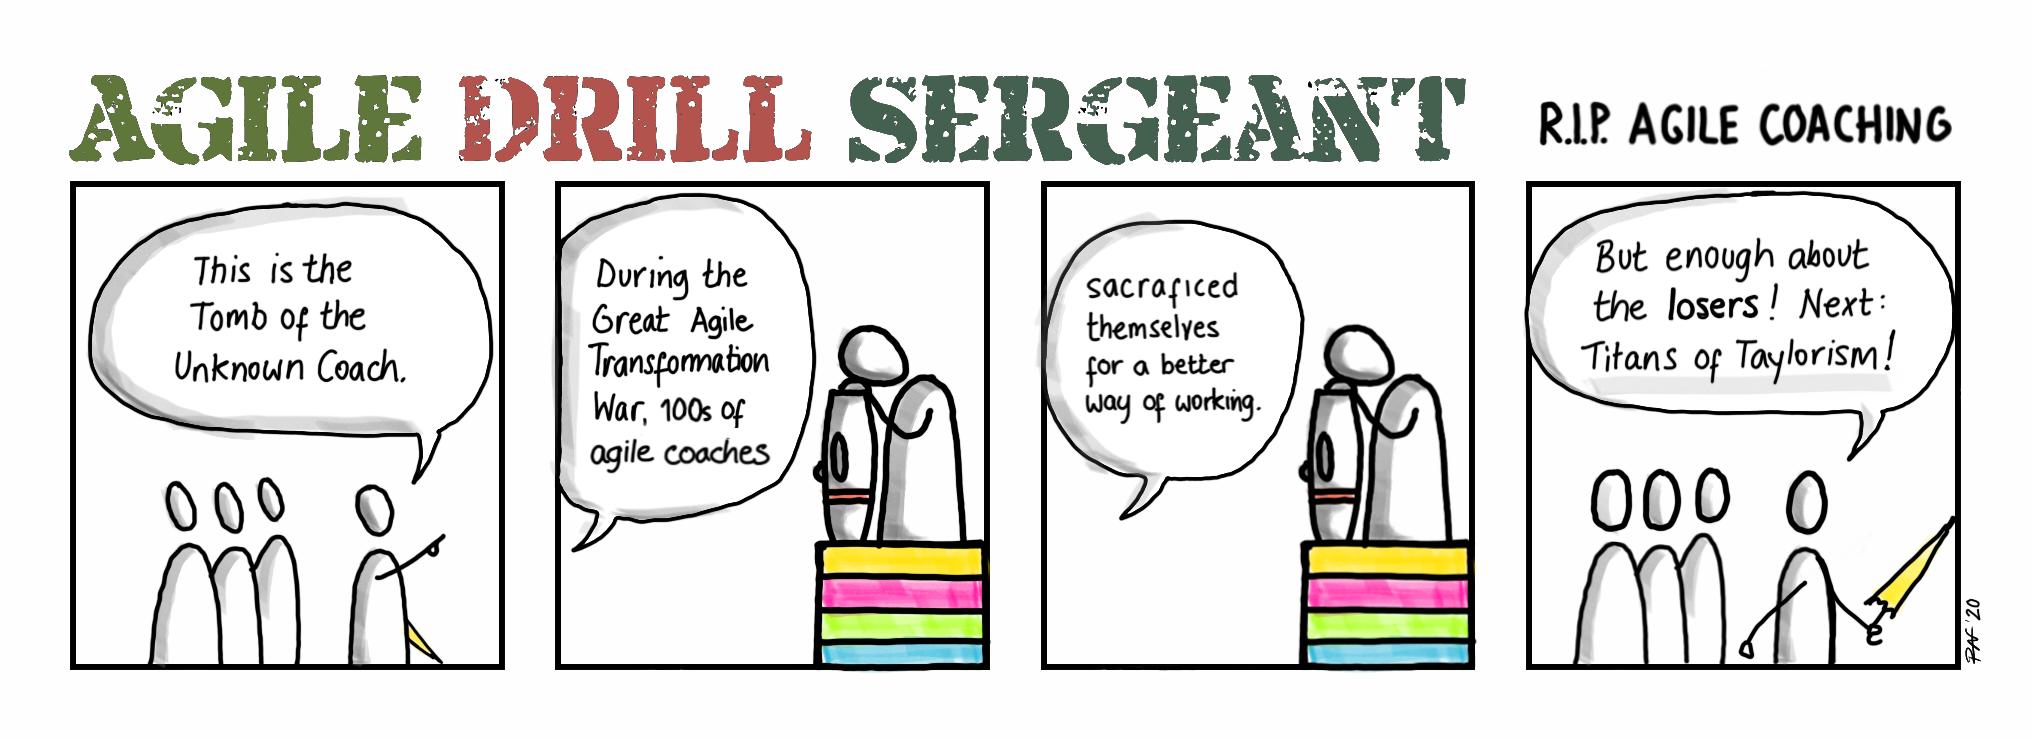 RIP Agile Coaching